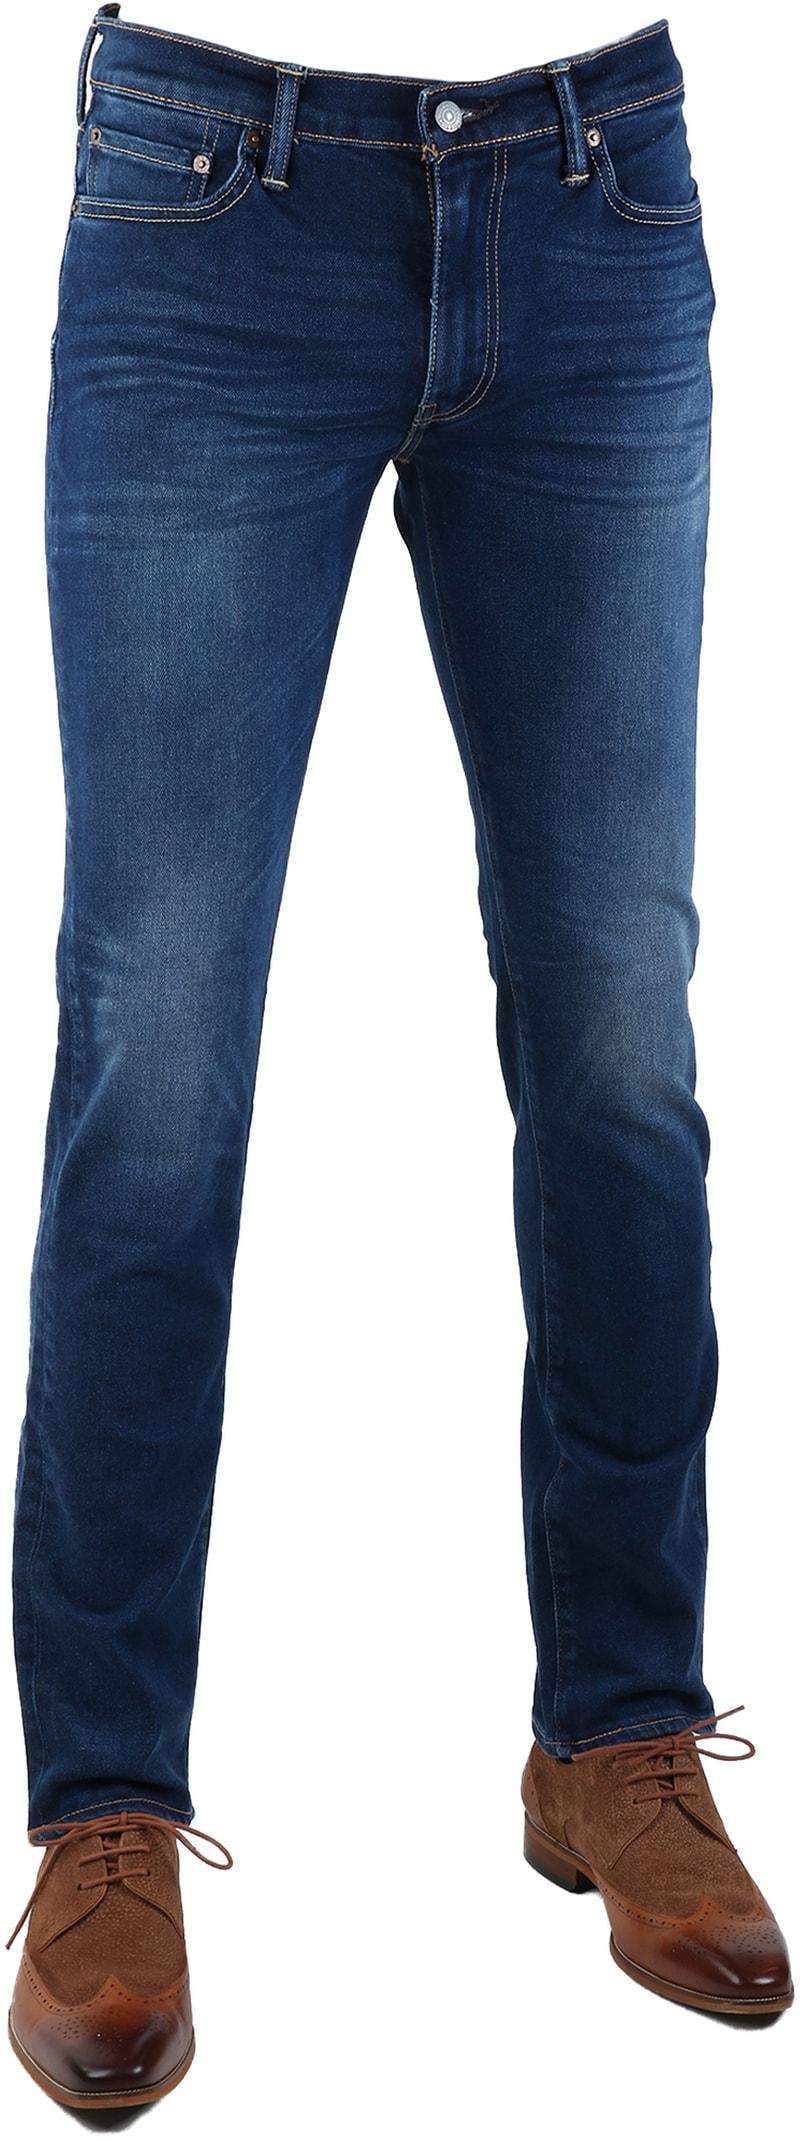 Levi's 511 Jeans Slim Fit Midblue  online bestellen | Suitable